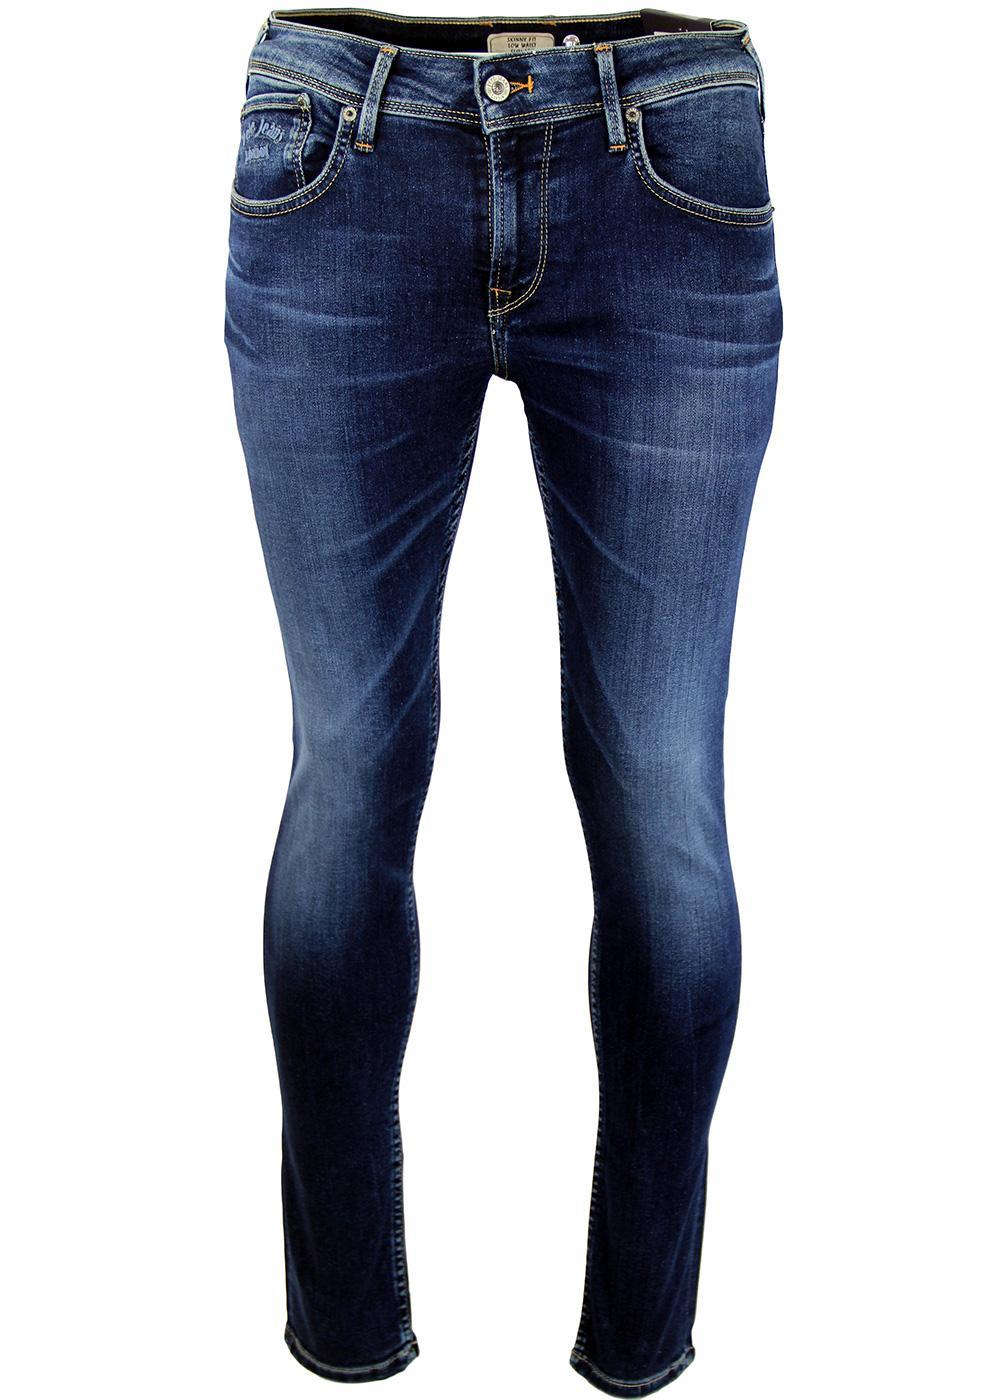 c29b74b48926d PEPE JEANS Finsbury Retro Indie Drainpipe Jeans Distressed Indigo